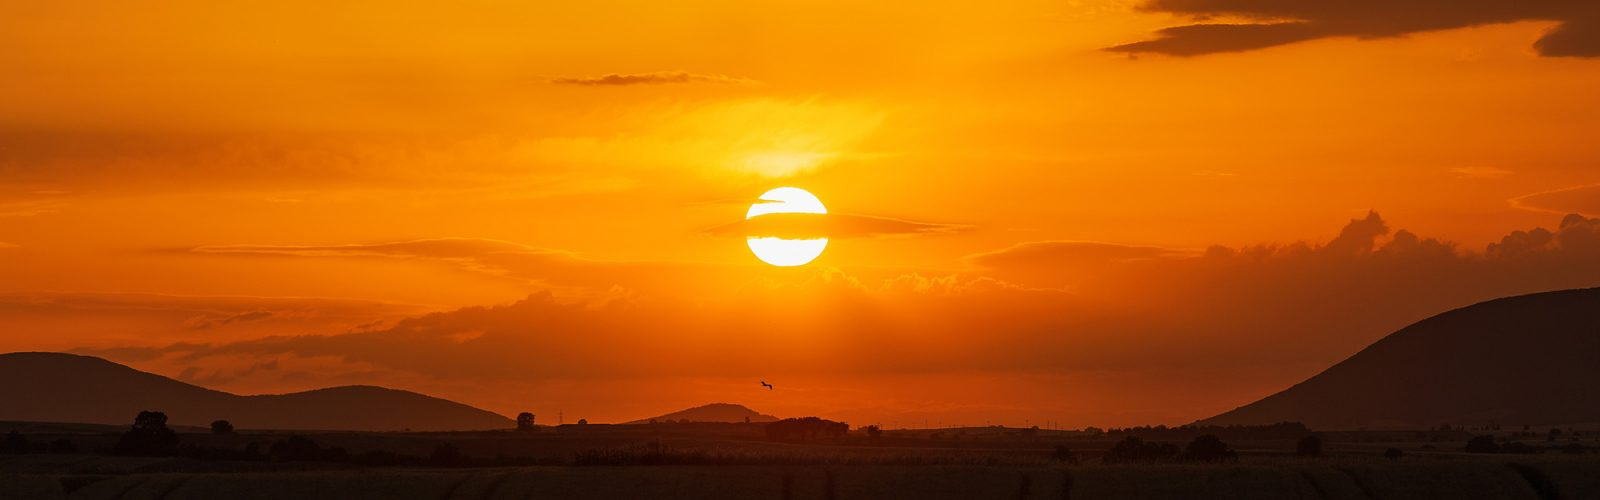 setting-sun-over-the-fields-KVAZQVU